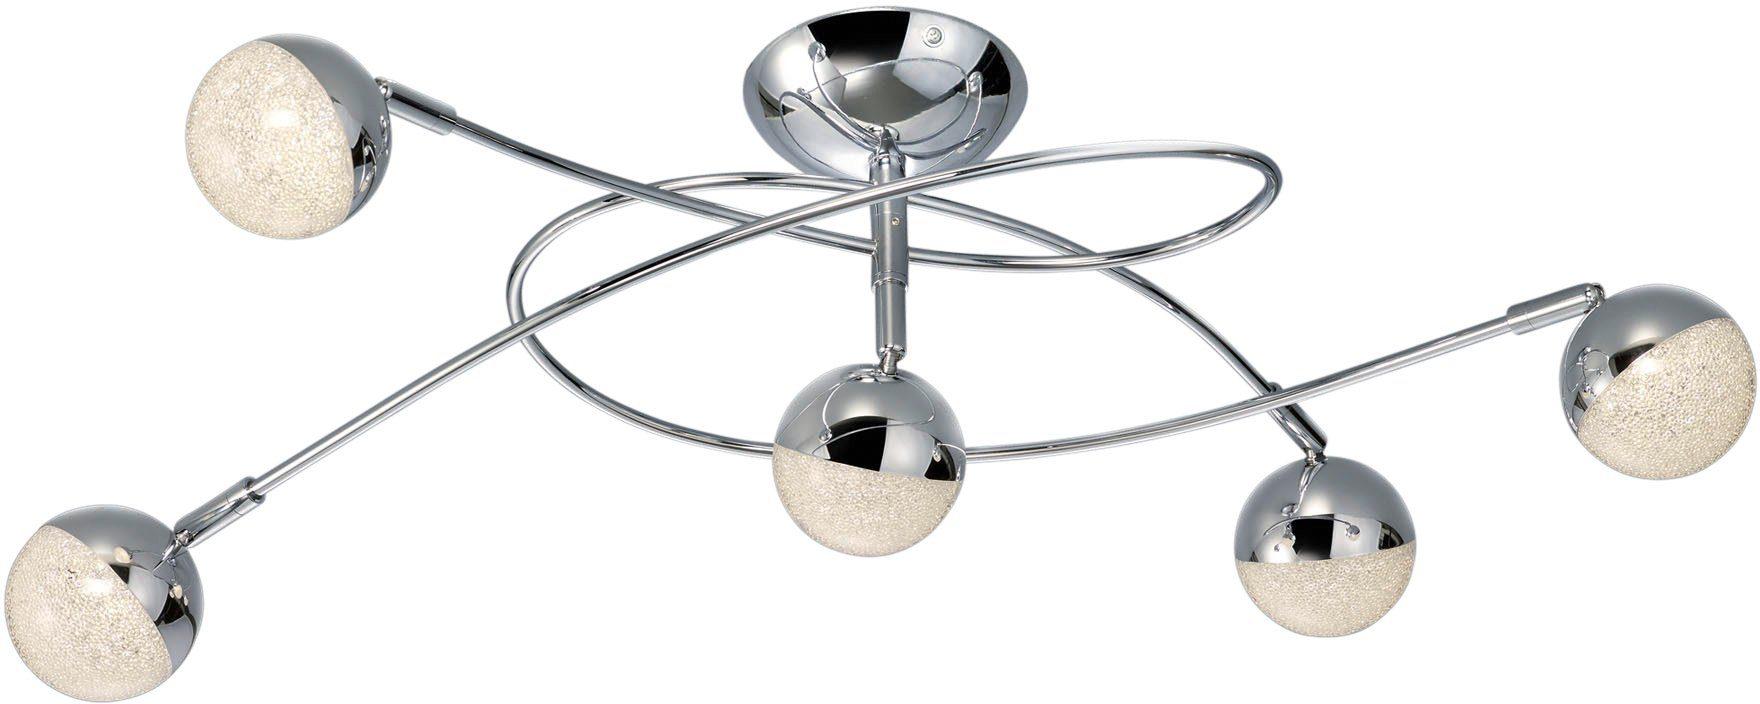 TRIO Leuchten LED Deckenleuchte »CHRIS«, 5-flammig, mit Kristalleffekt